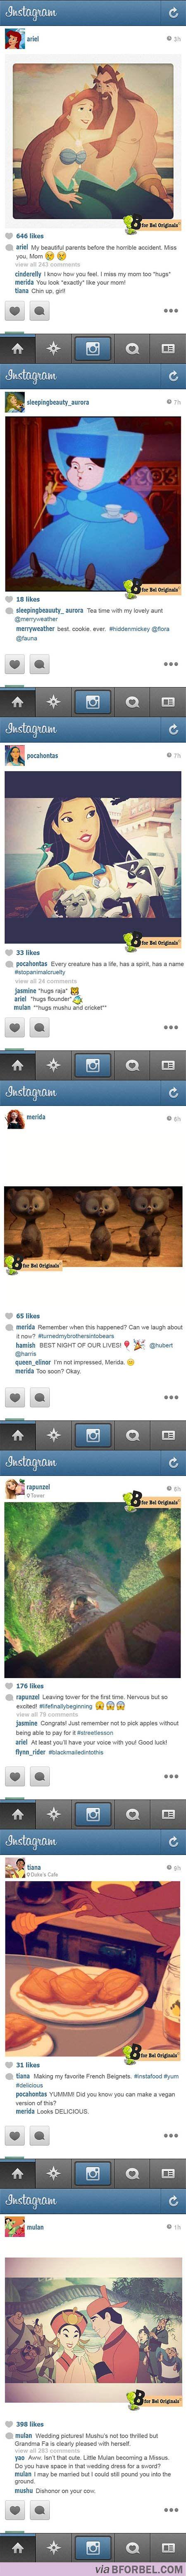 If Disney princesses had Instagram...Hilarious!